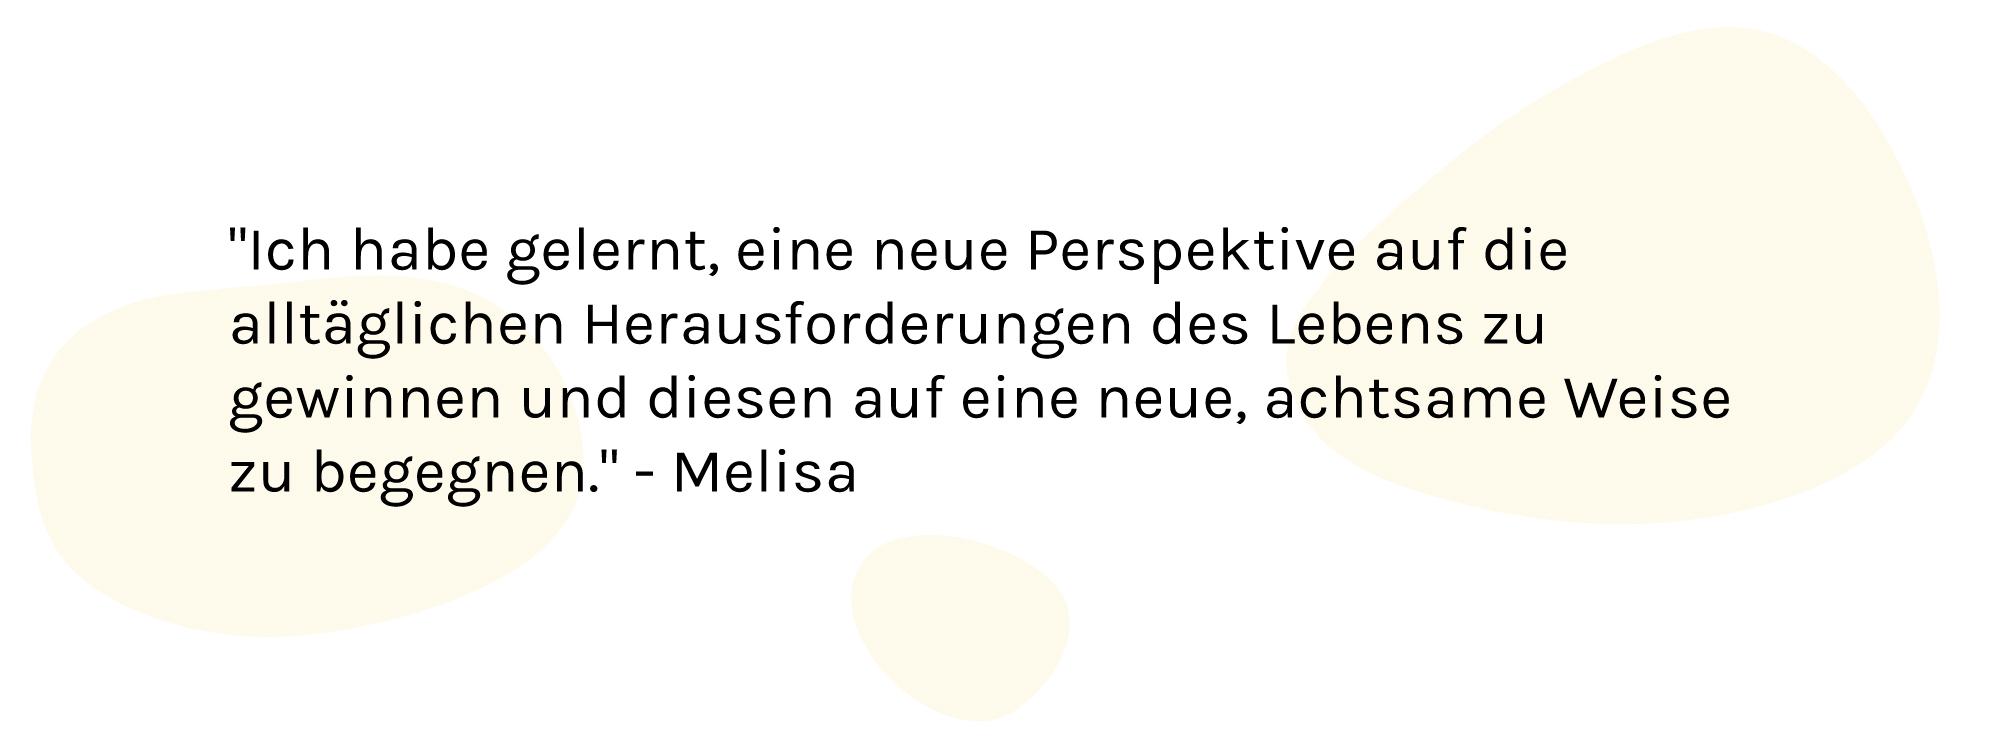 Melisa-noresize